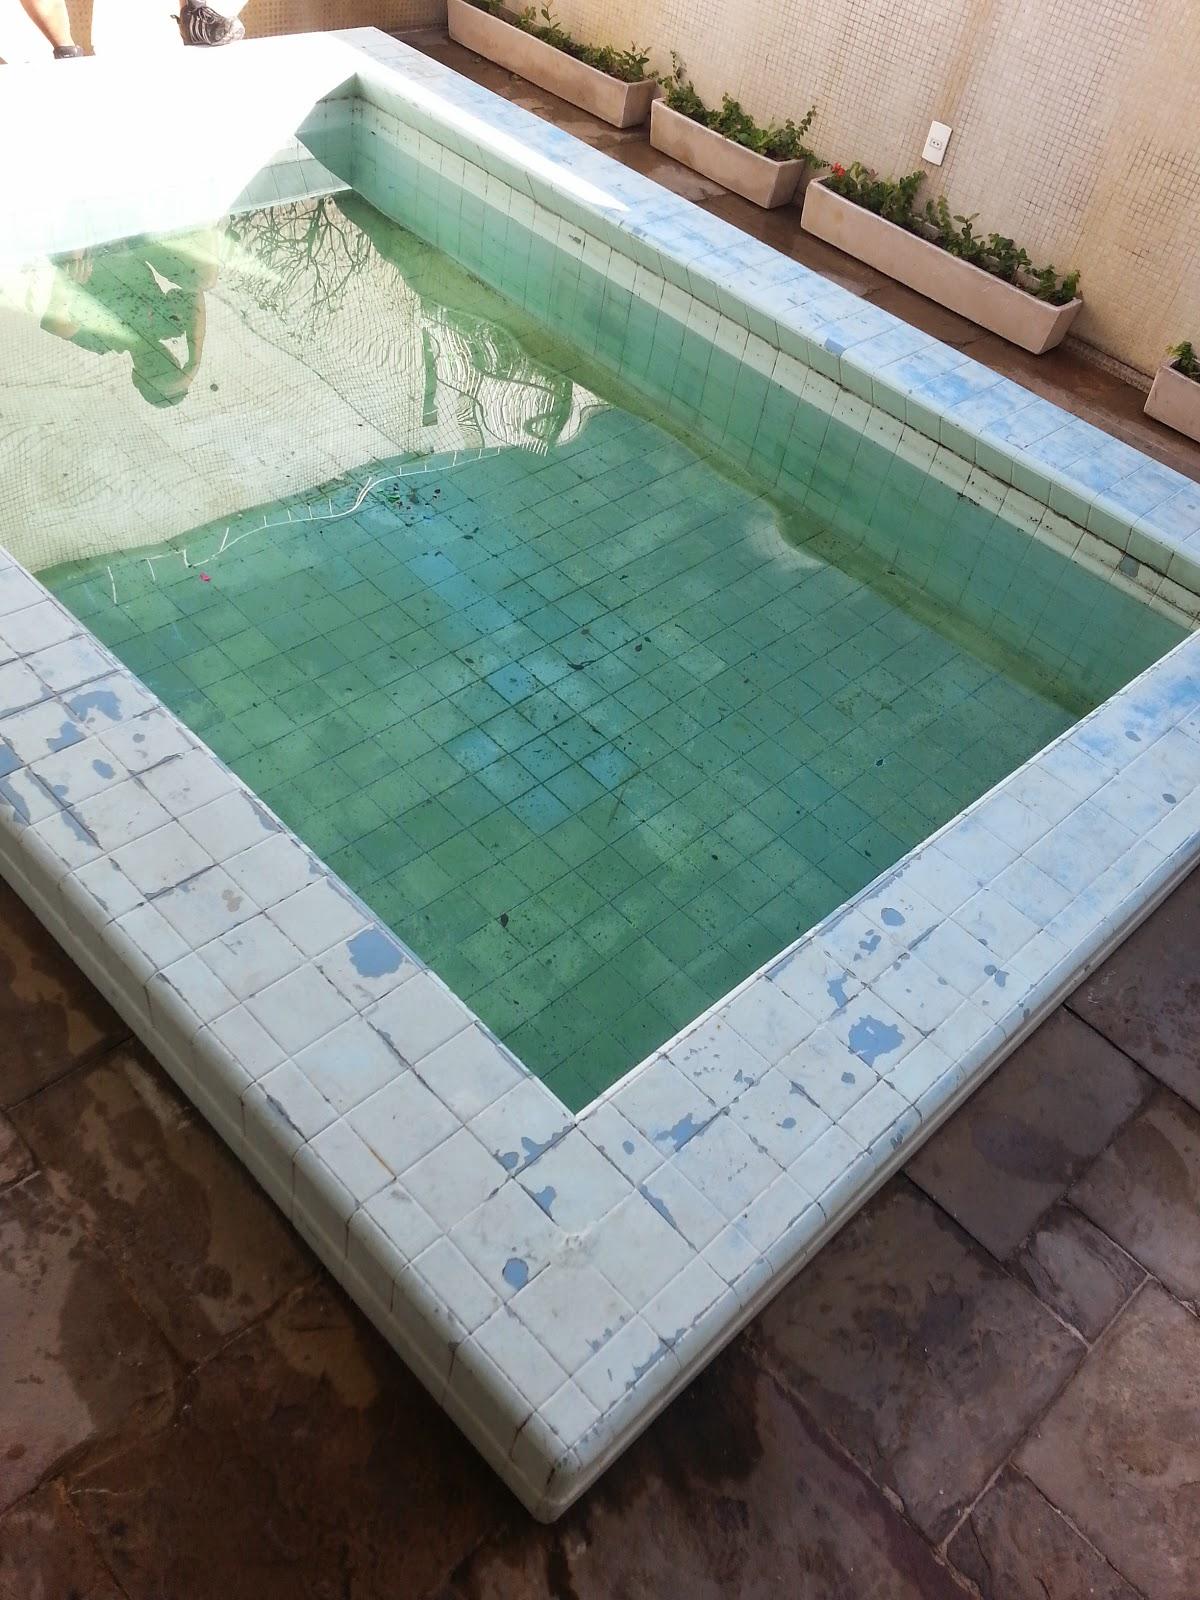 Pintura piscina de azulejo com tinta epoxi 05 cinco anos - Azulejos para piscina ...